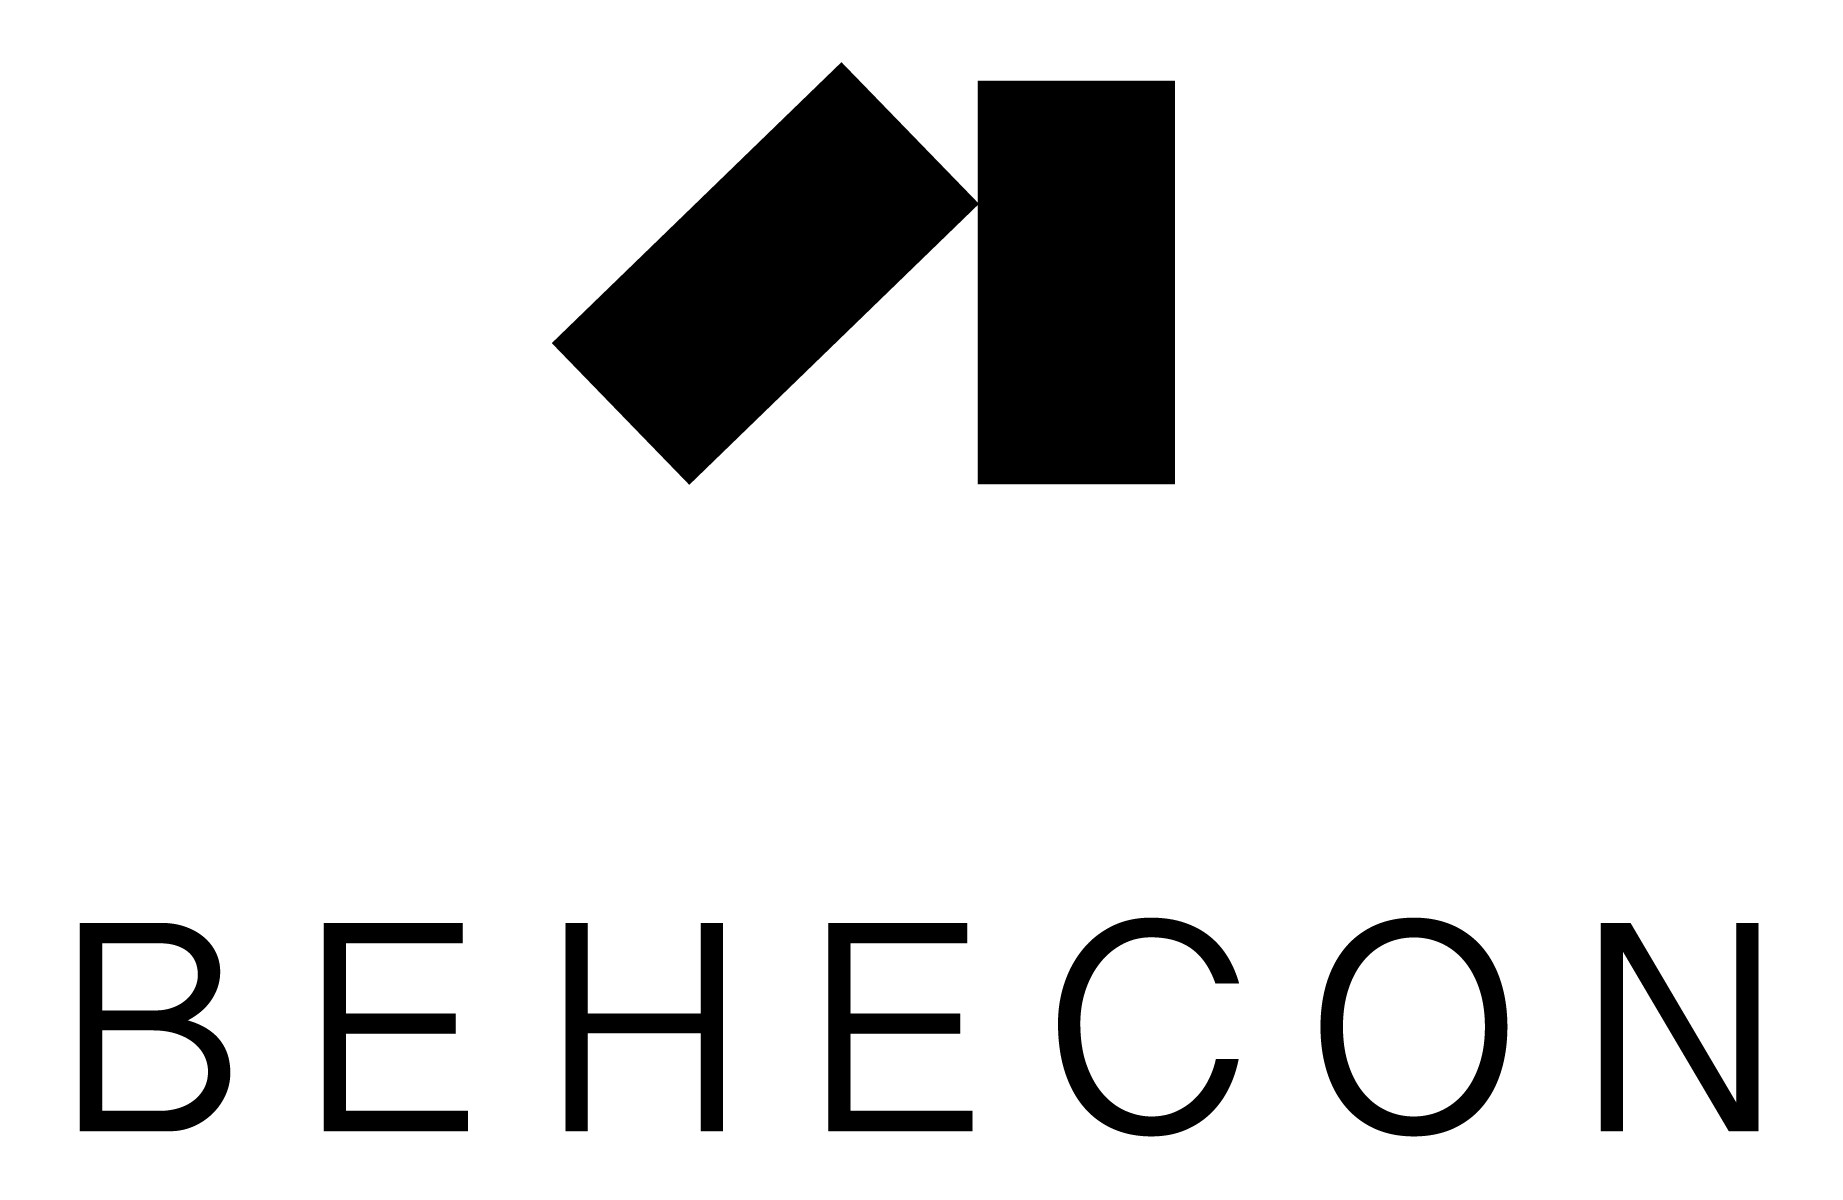 behecon